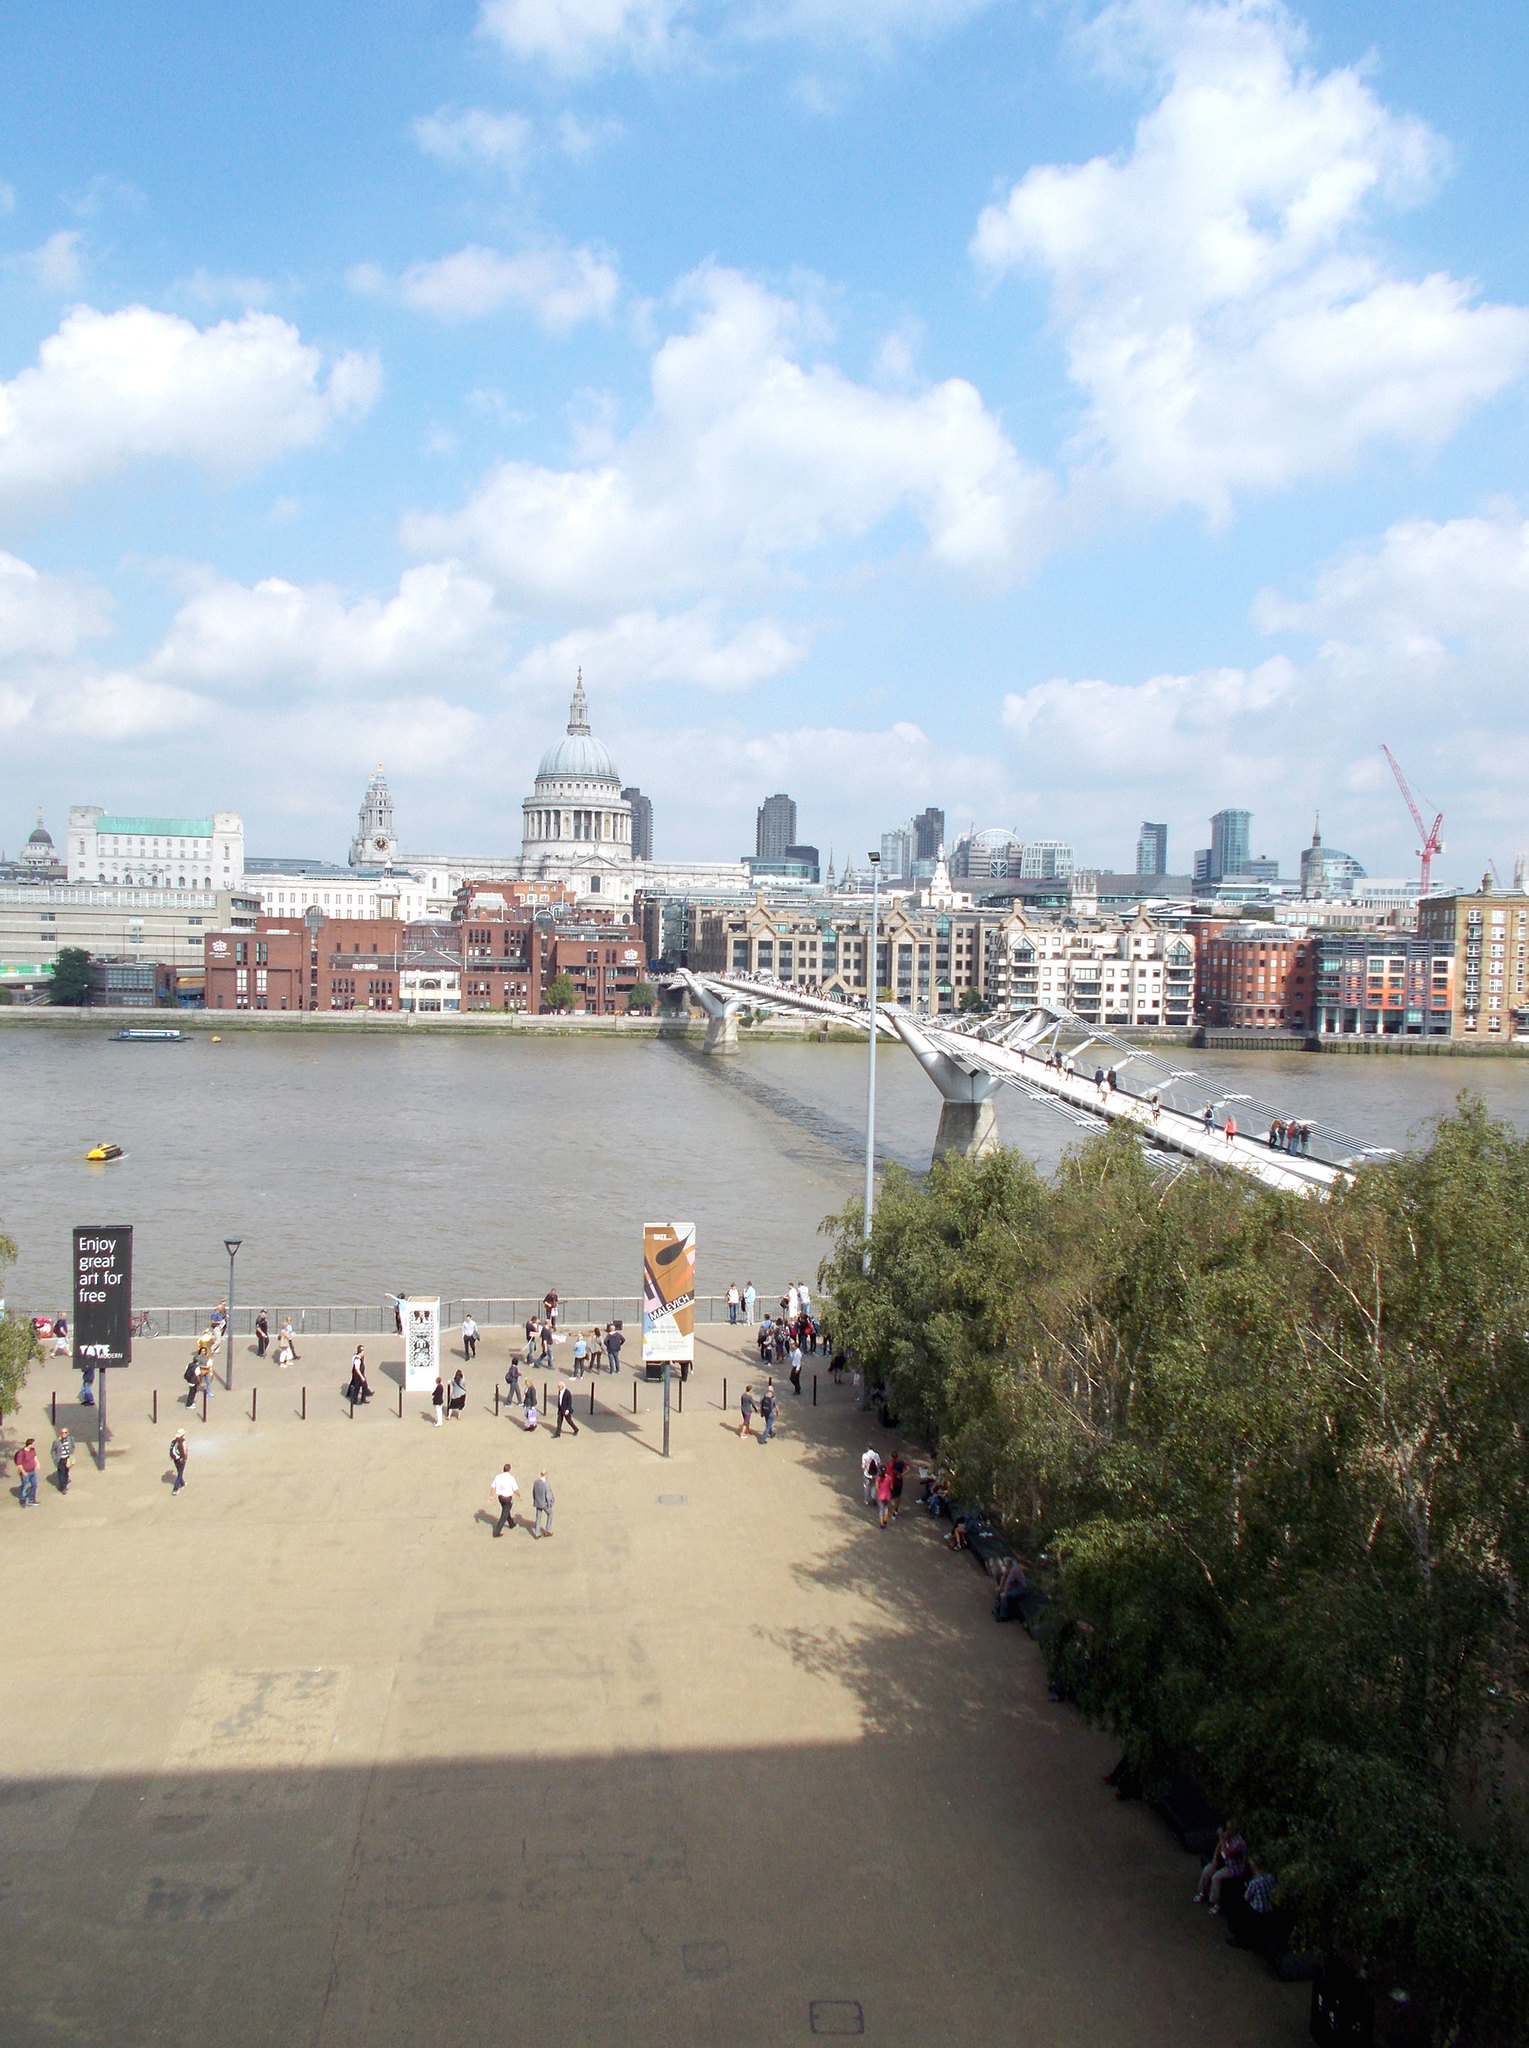 LONDON 1281